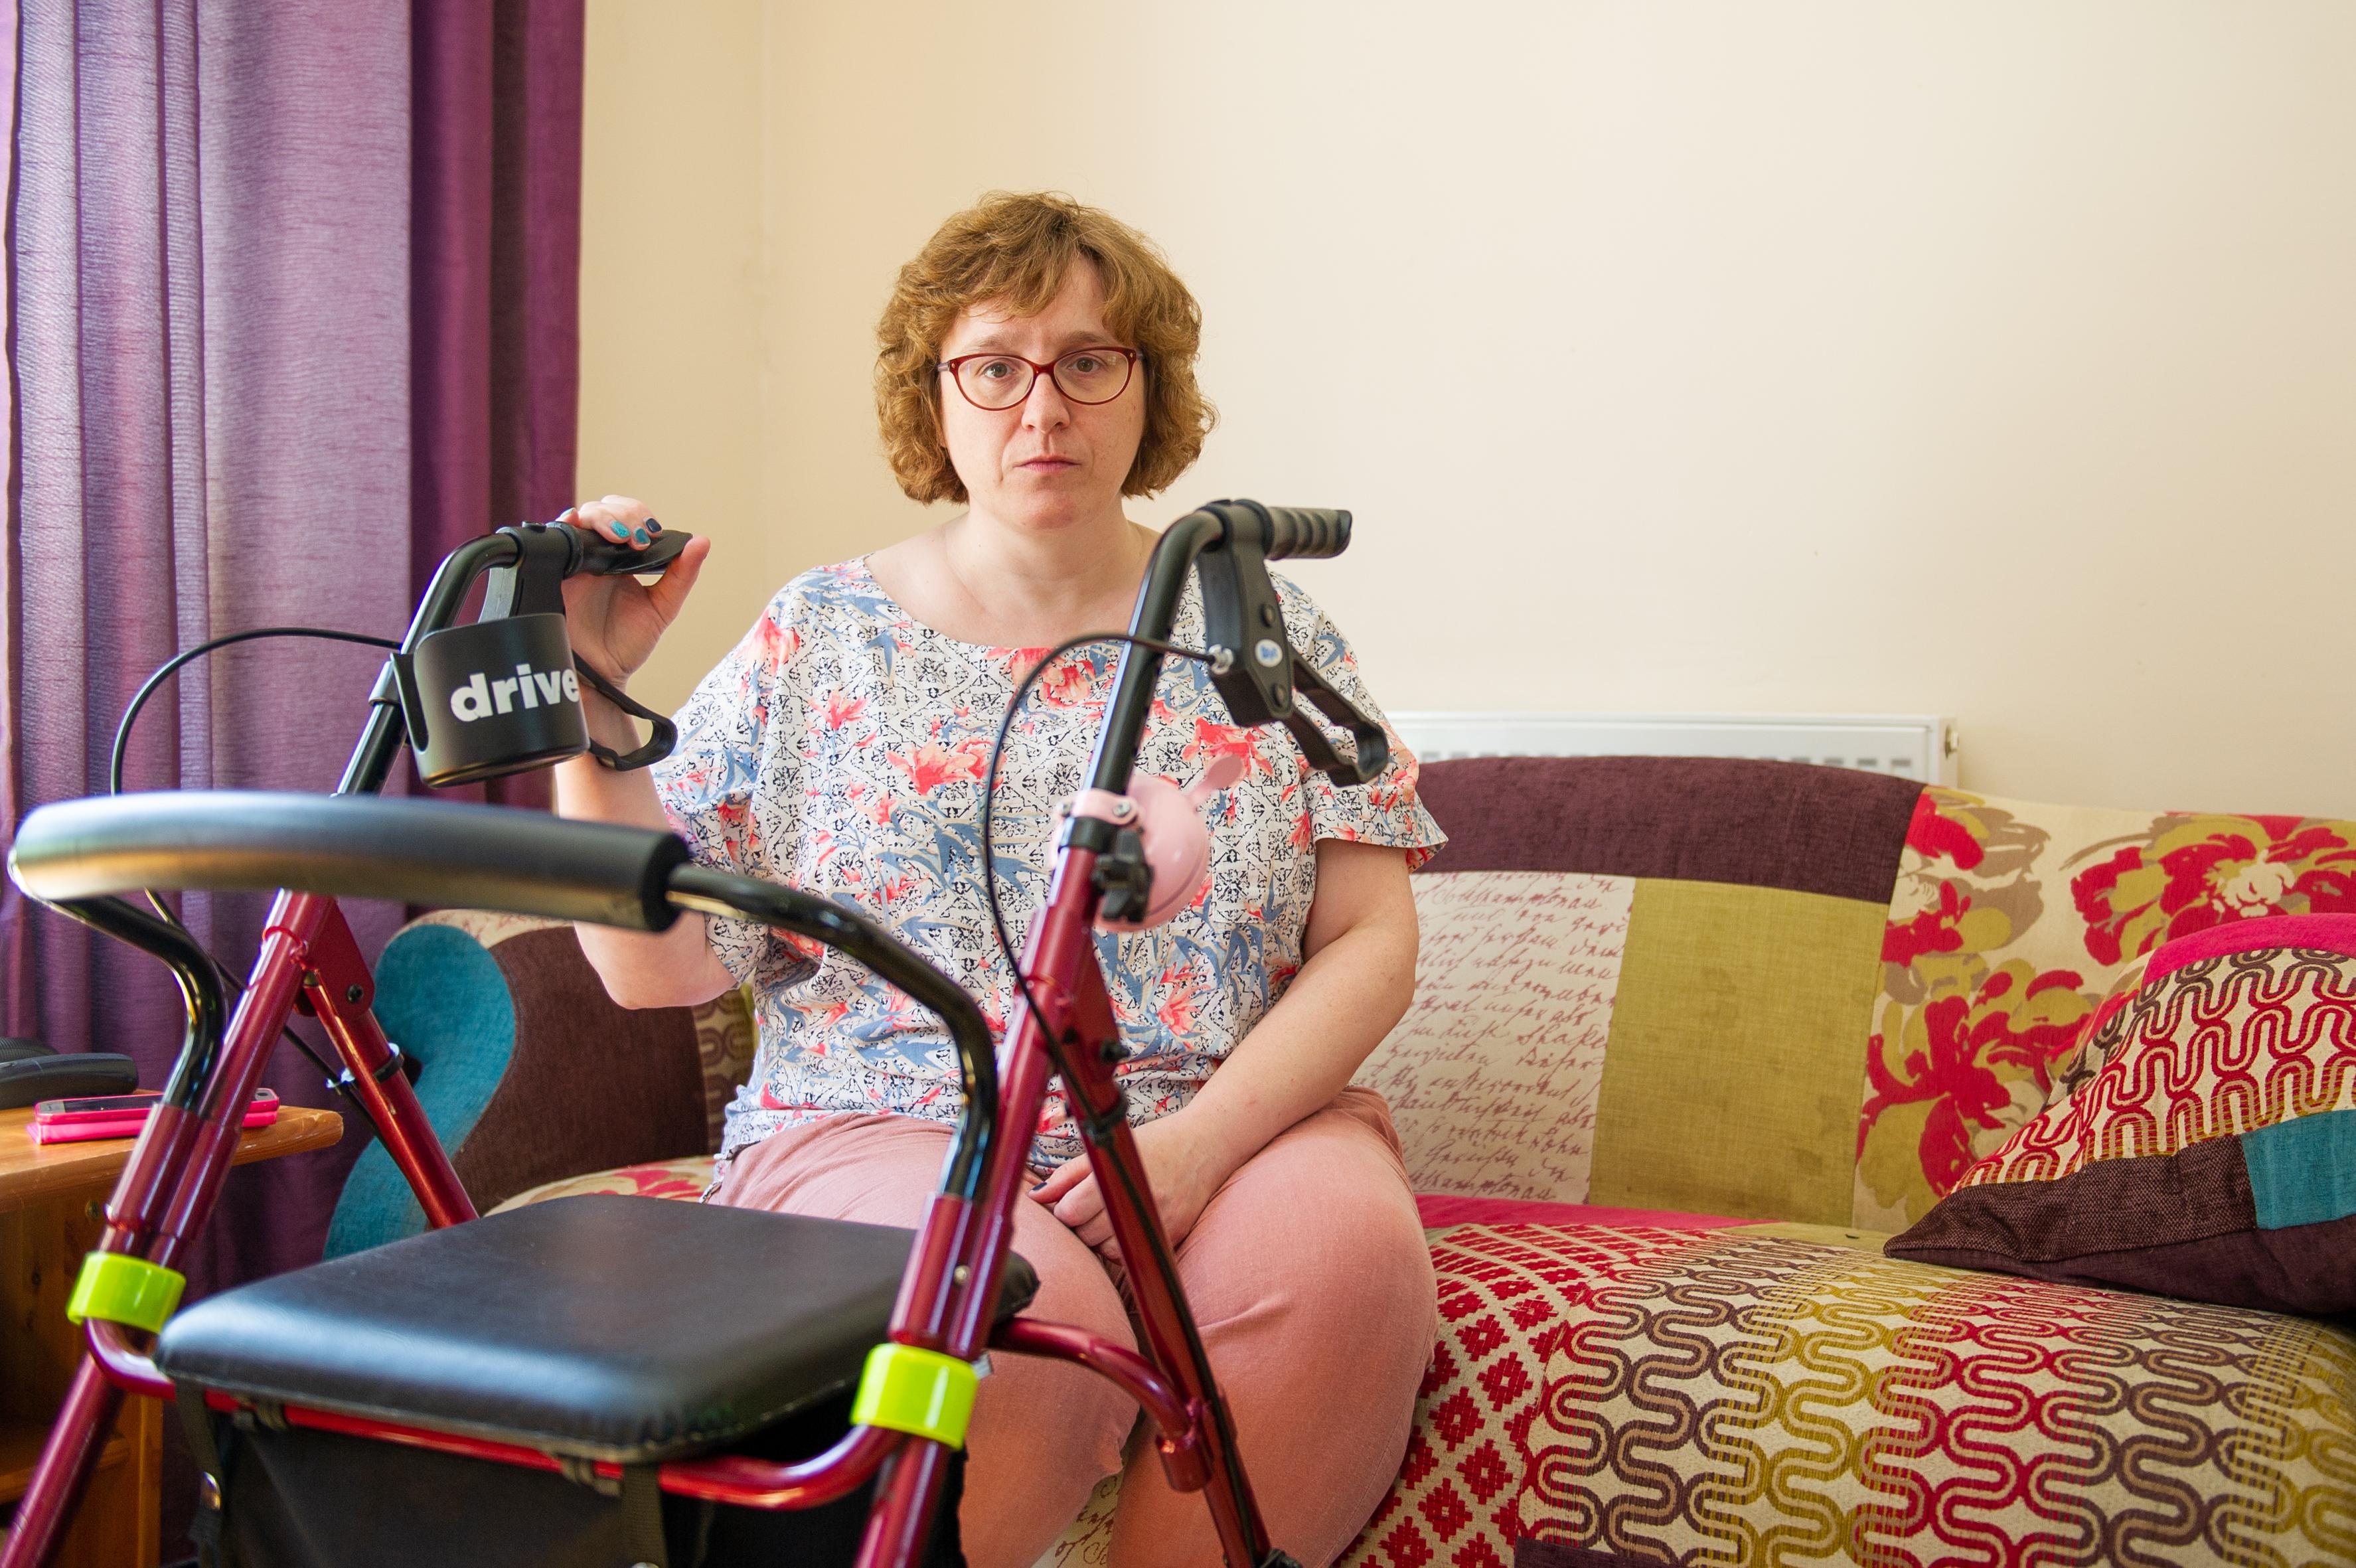 Karen Robertson who faced discrimination on a bus